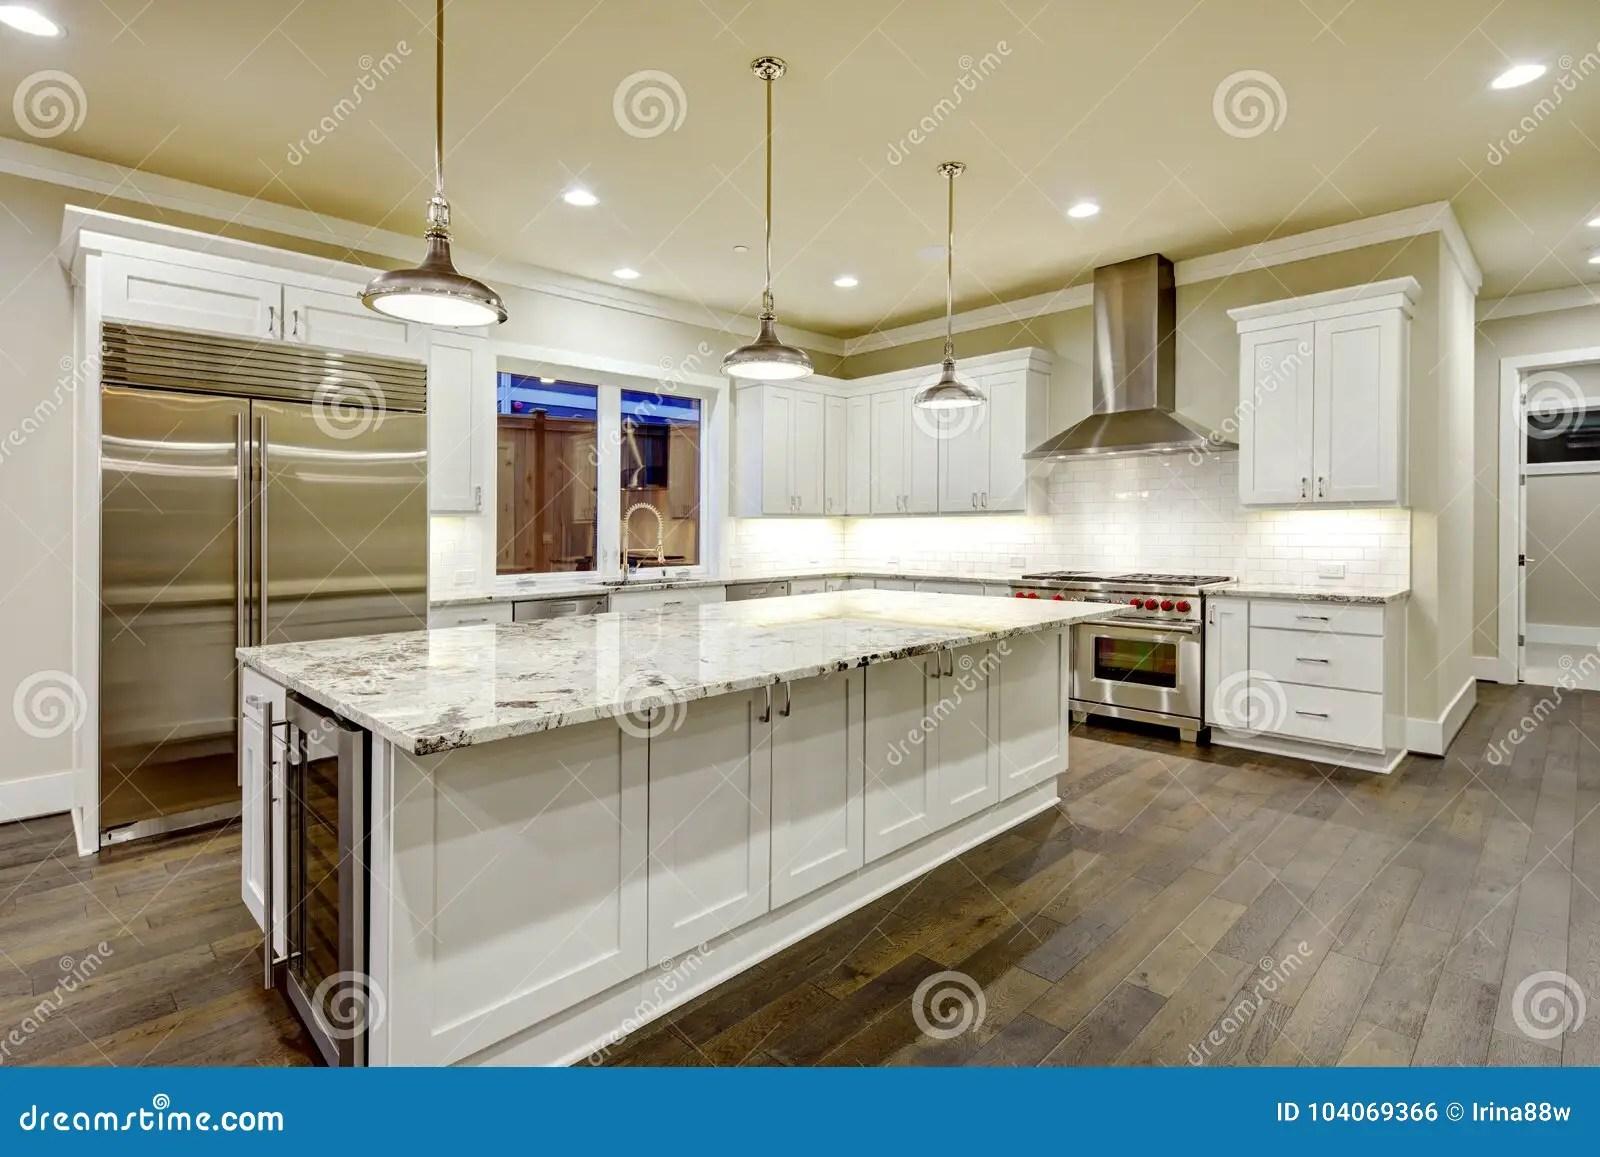 backyard kitchen designs pro style faucet 与白色厨柜的大 宽敞厨房设计库存照片 图片包括有西北 照亮 家具 宽敞厨房设计